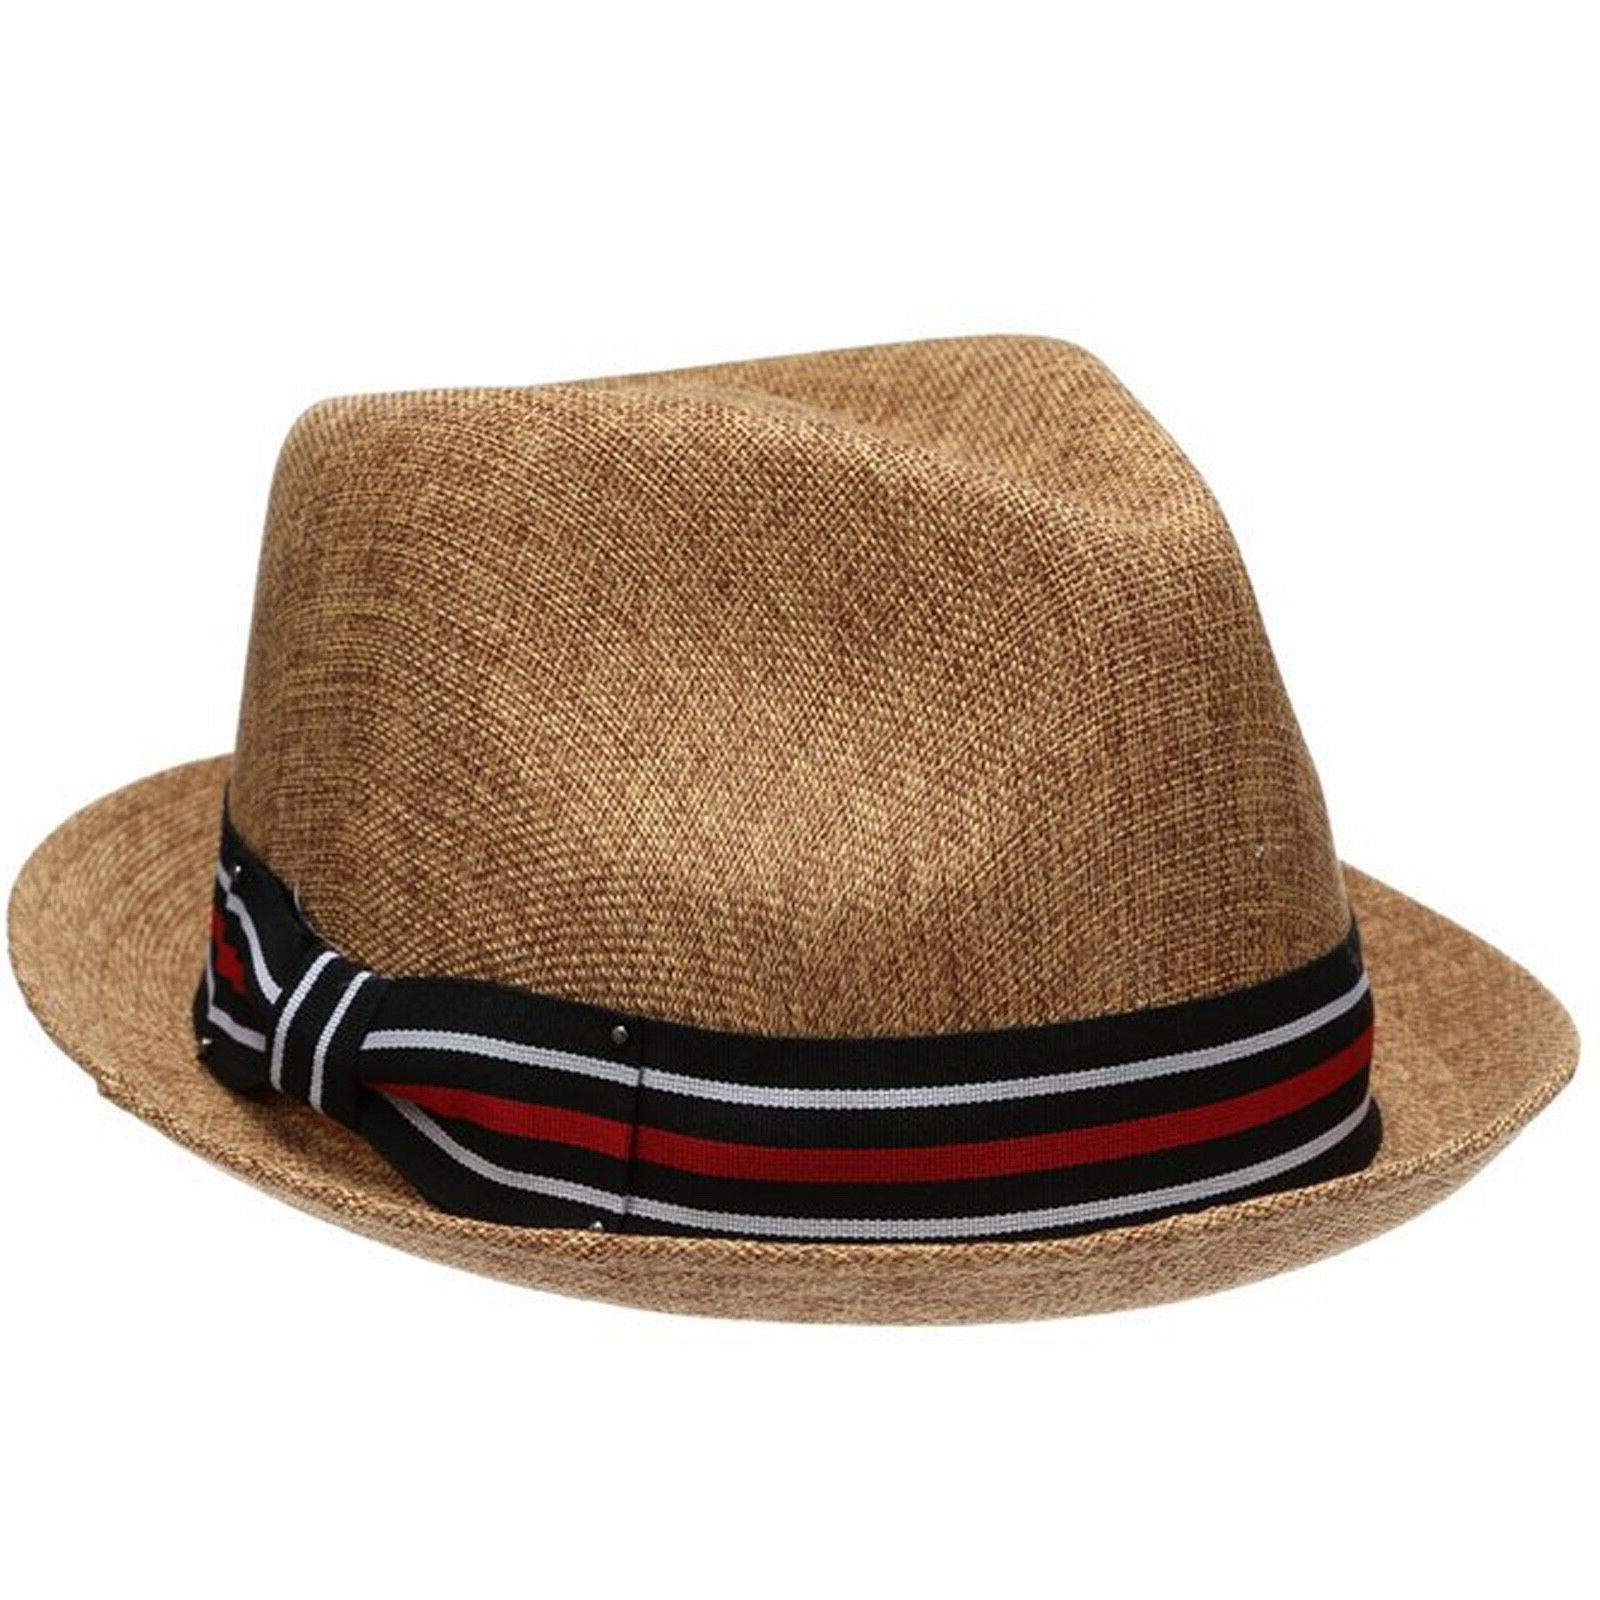 mens summer fedora hat stingy brim linen